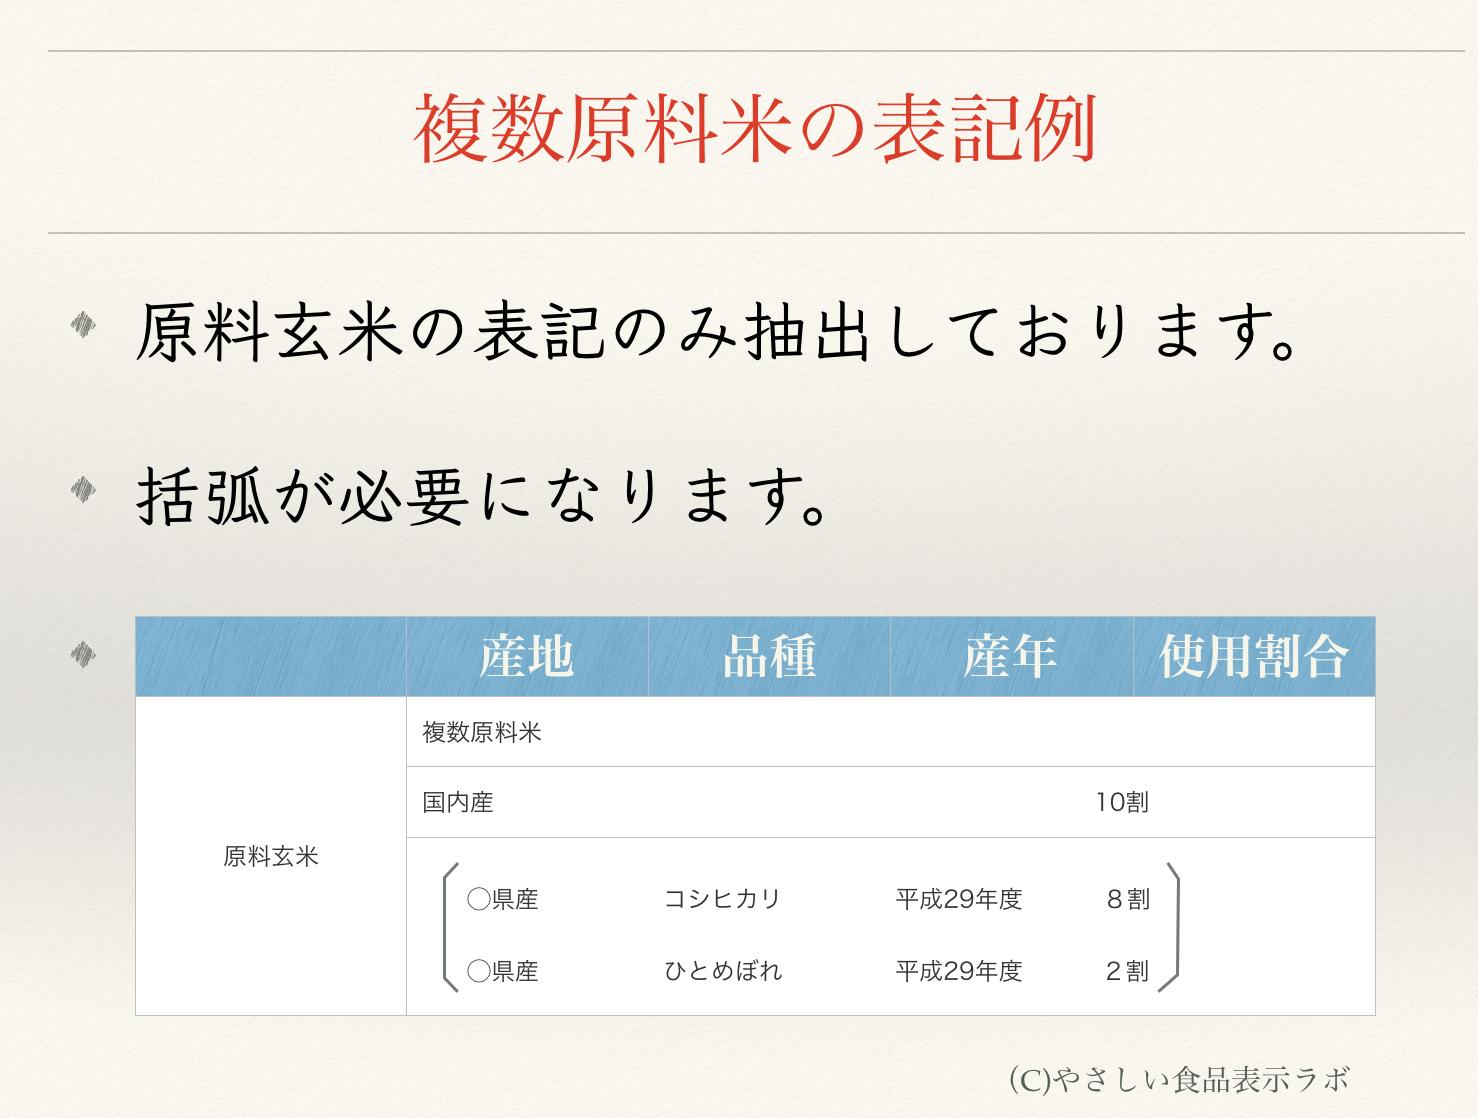 複数原料米 原料玄米の表記 括弧